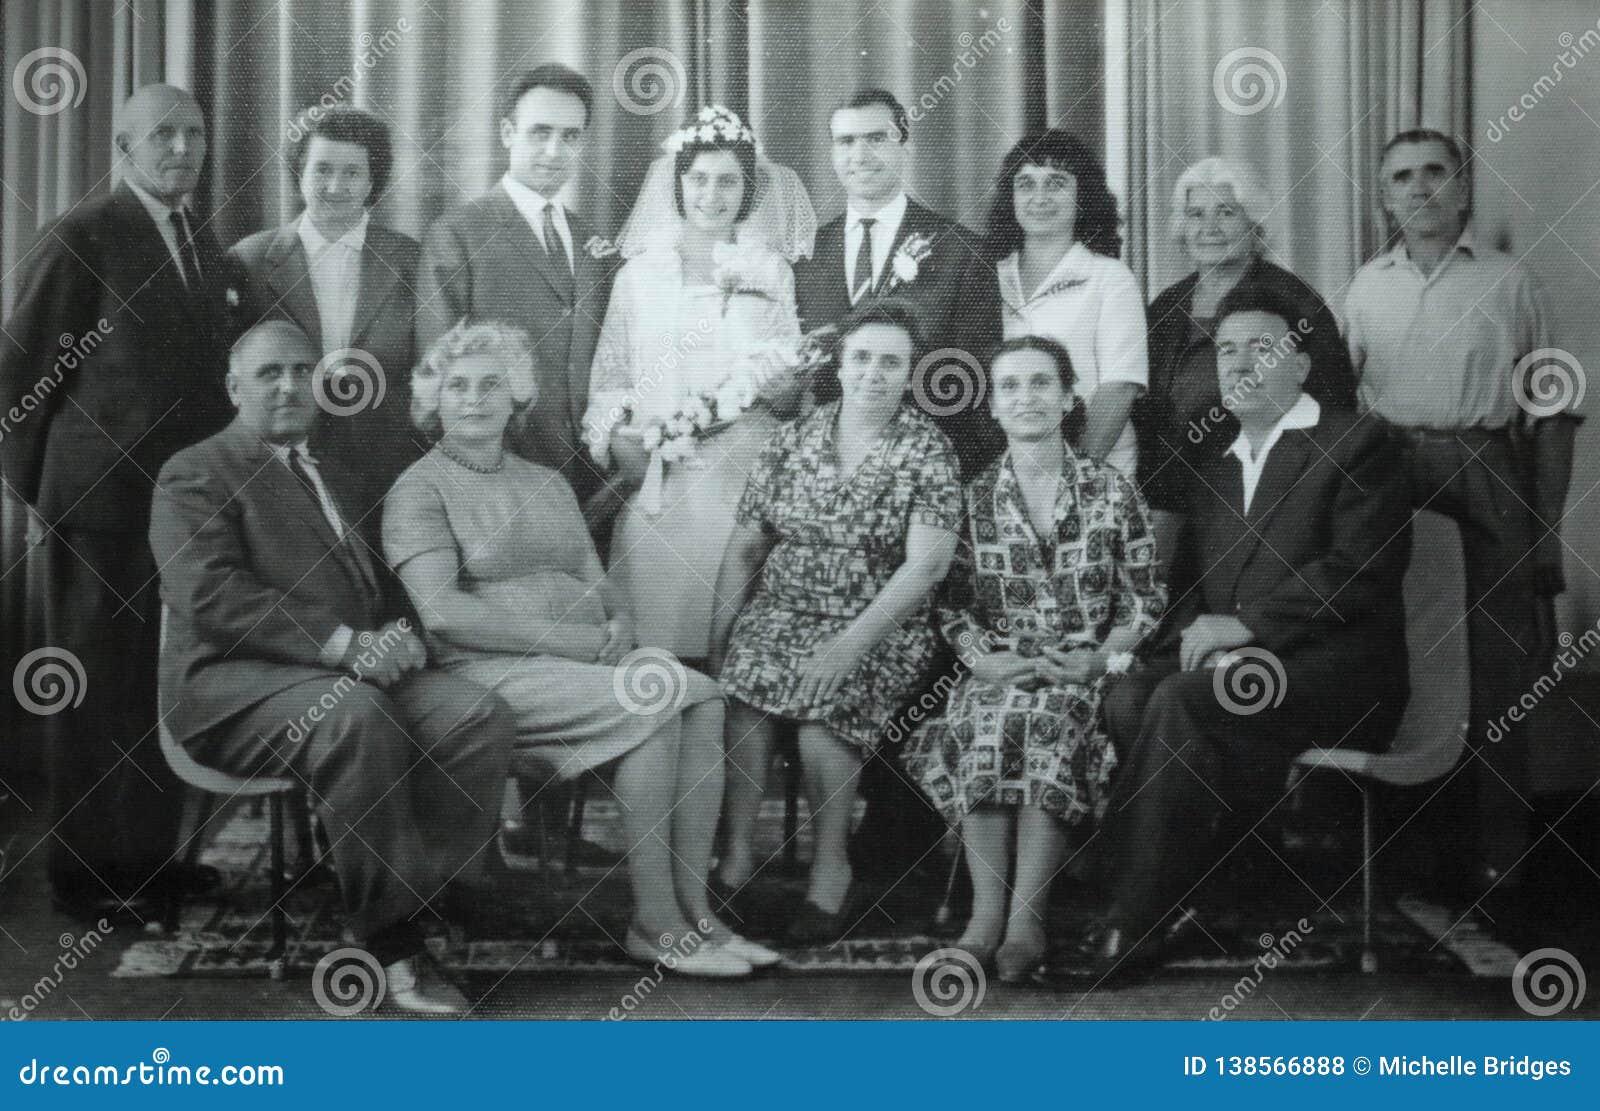 Vintage Black And White Photo Of Family Wedding 1950s European